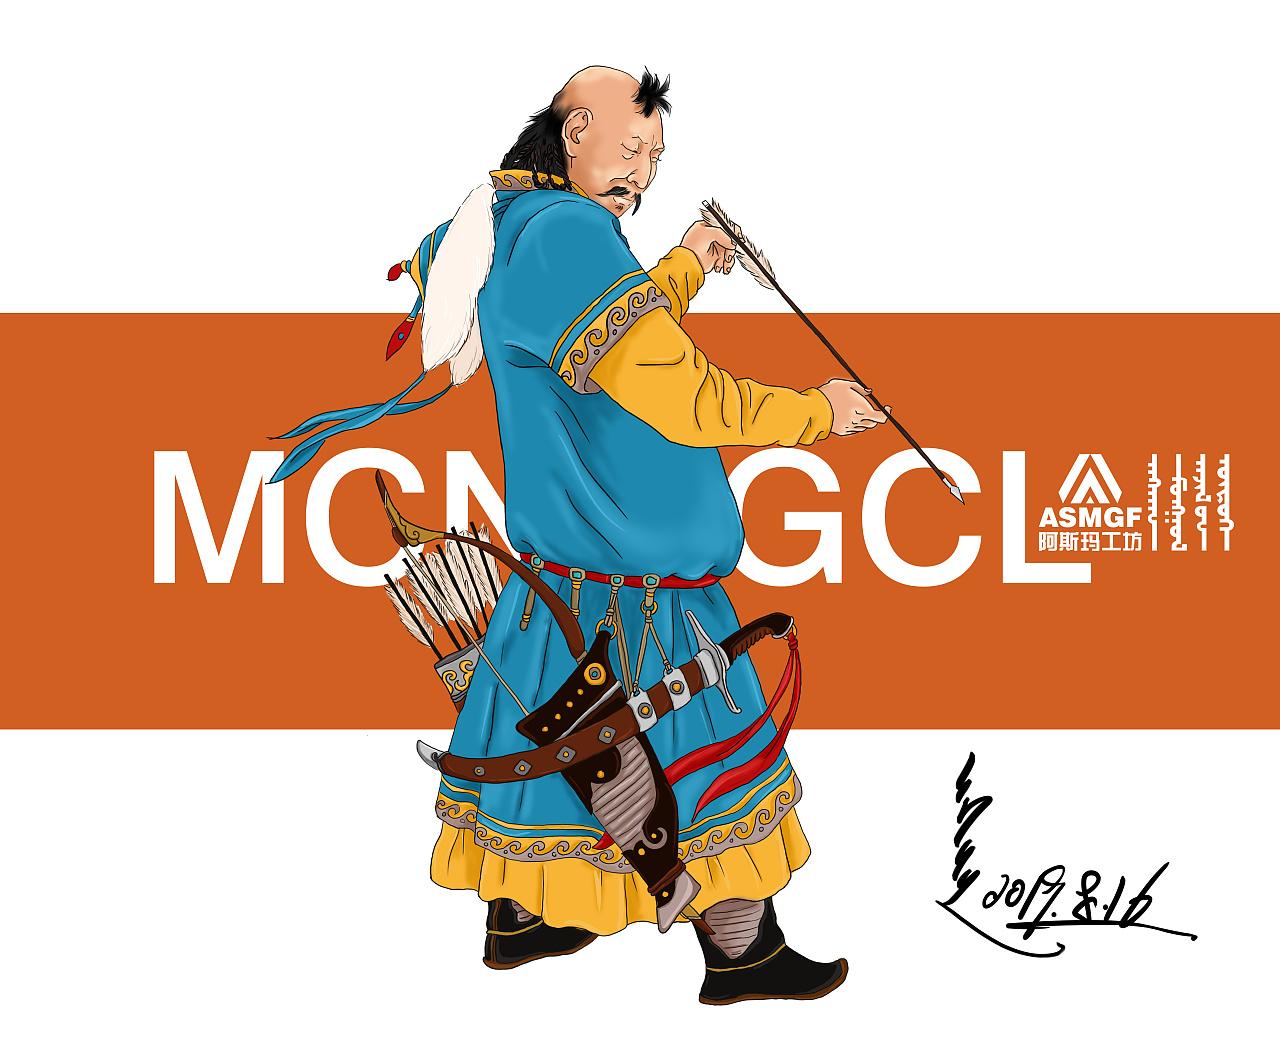 蒙古人物插图设计(阿斯玛18248305310微信) 第5张